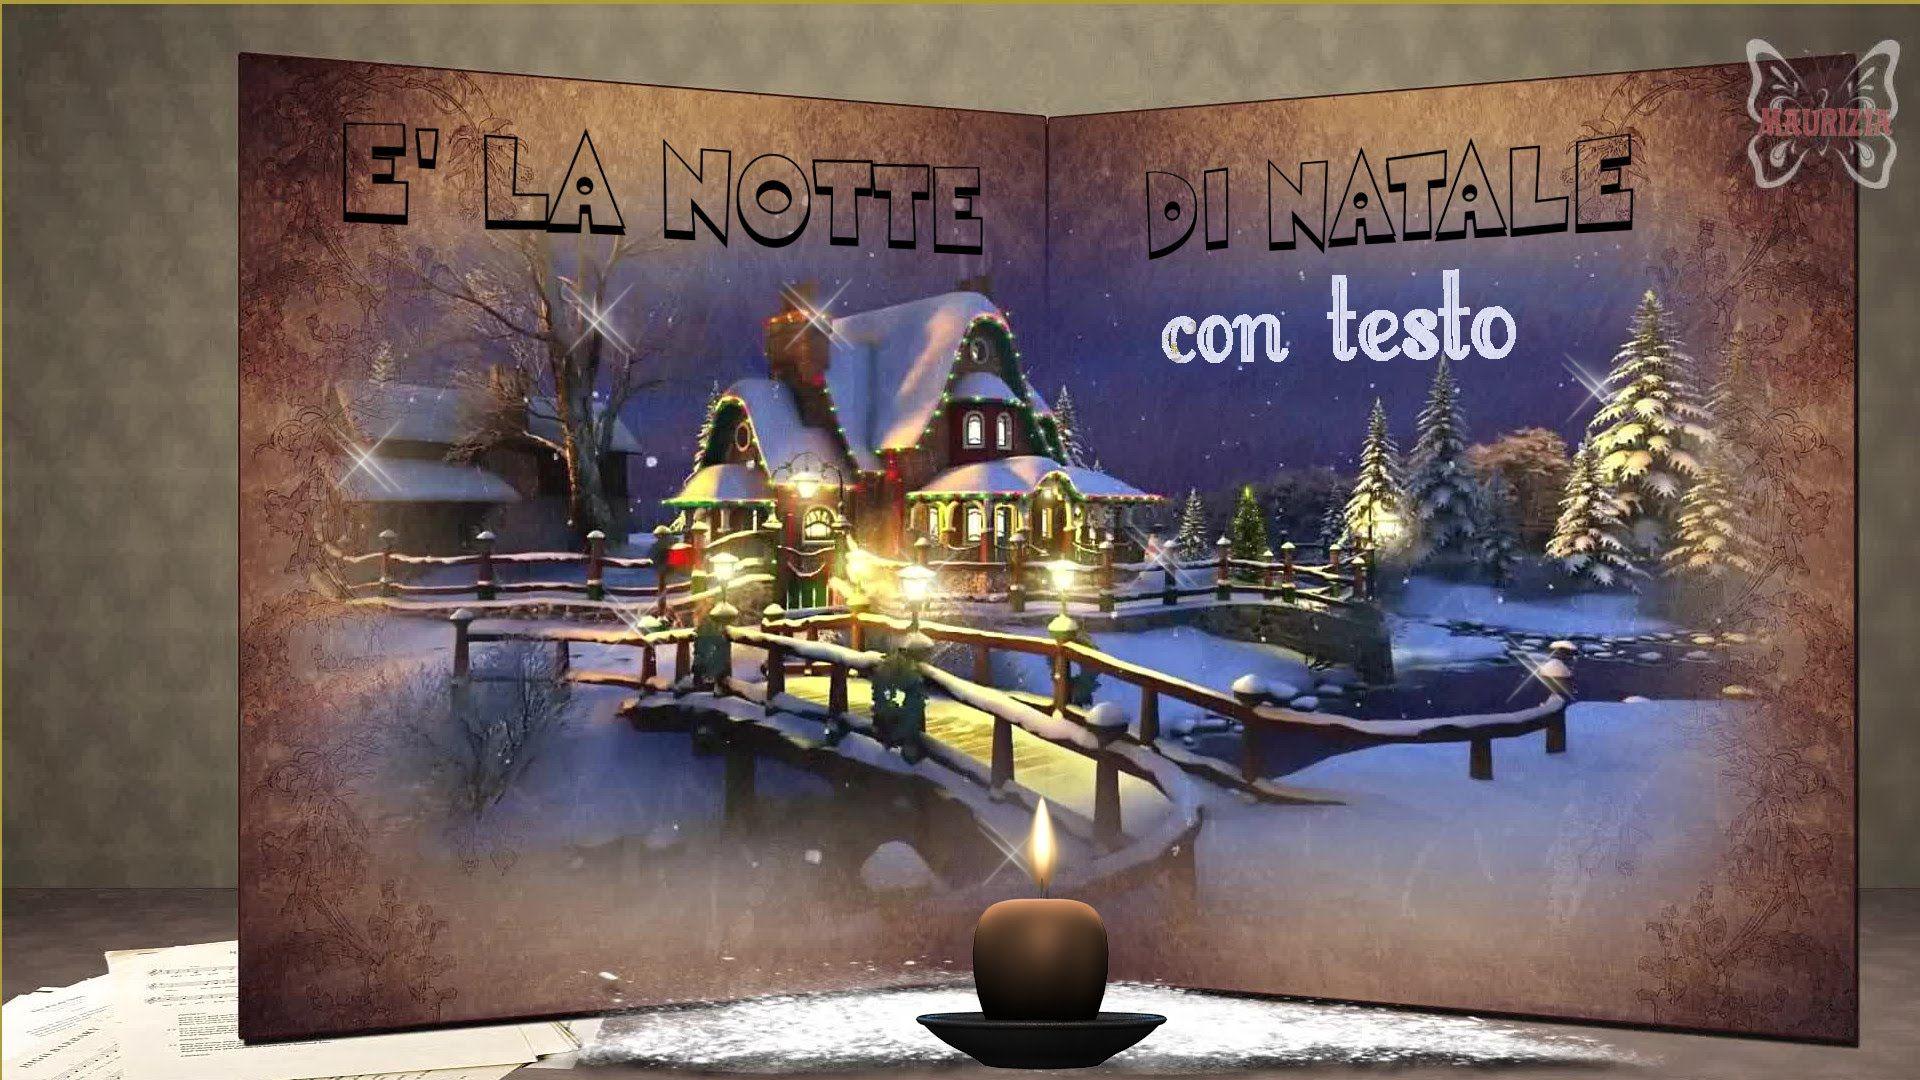 Canzone Di Natale Stella Cometa Testo.E La Notte Di Natale Con Testo Canti Natale Musica Di Natale